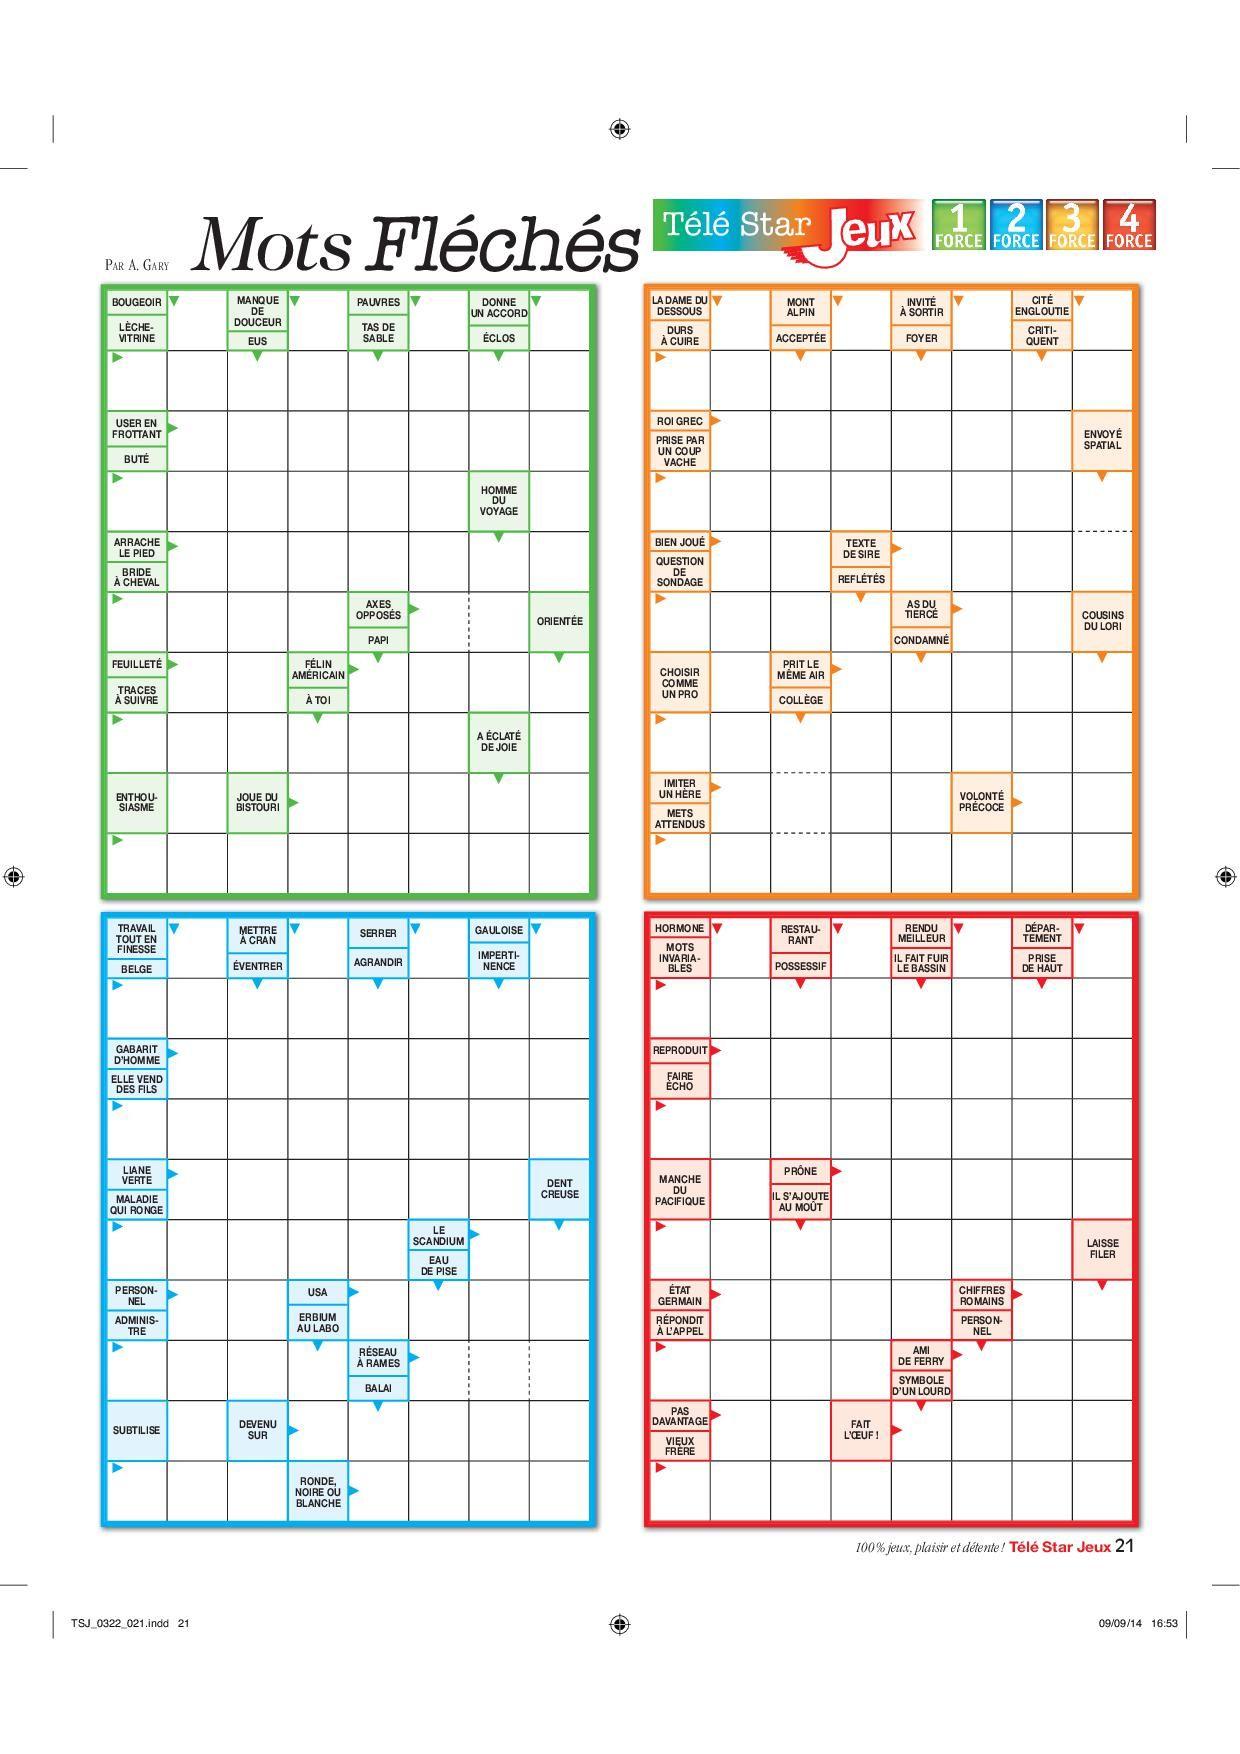 Mots Fléchés (C) Rci-Jeux | Jeux De Chiffres, Jeux De destiné Jeux De Mot Fléché